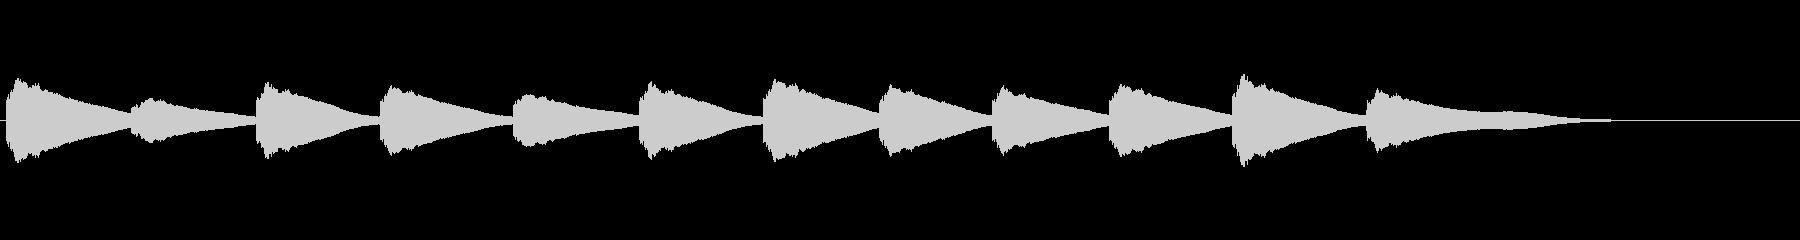 【鐘の音_01】カーン/教会/12時の未再生の波形